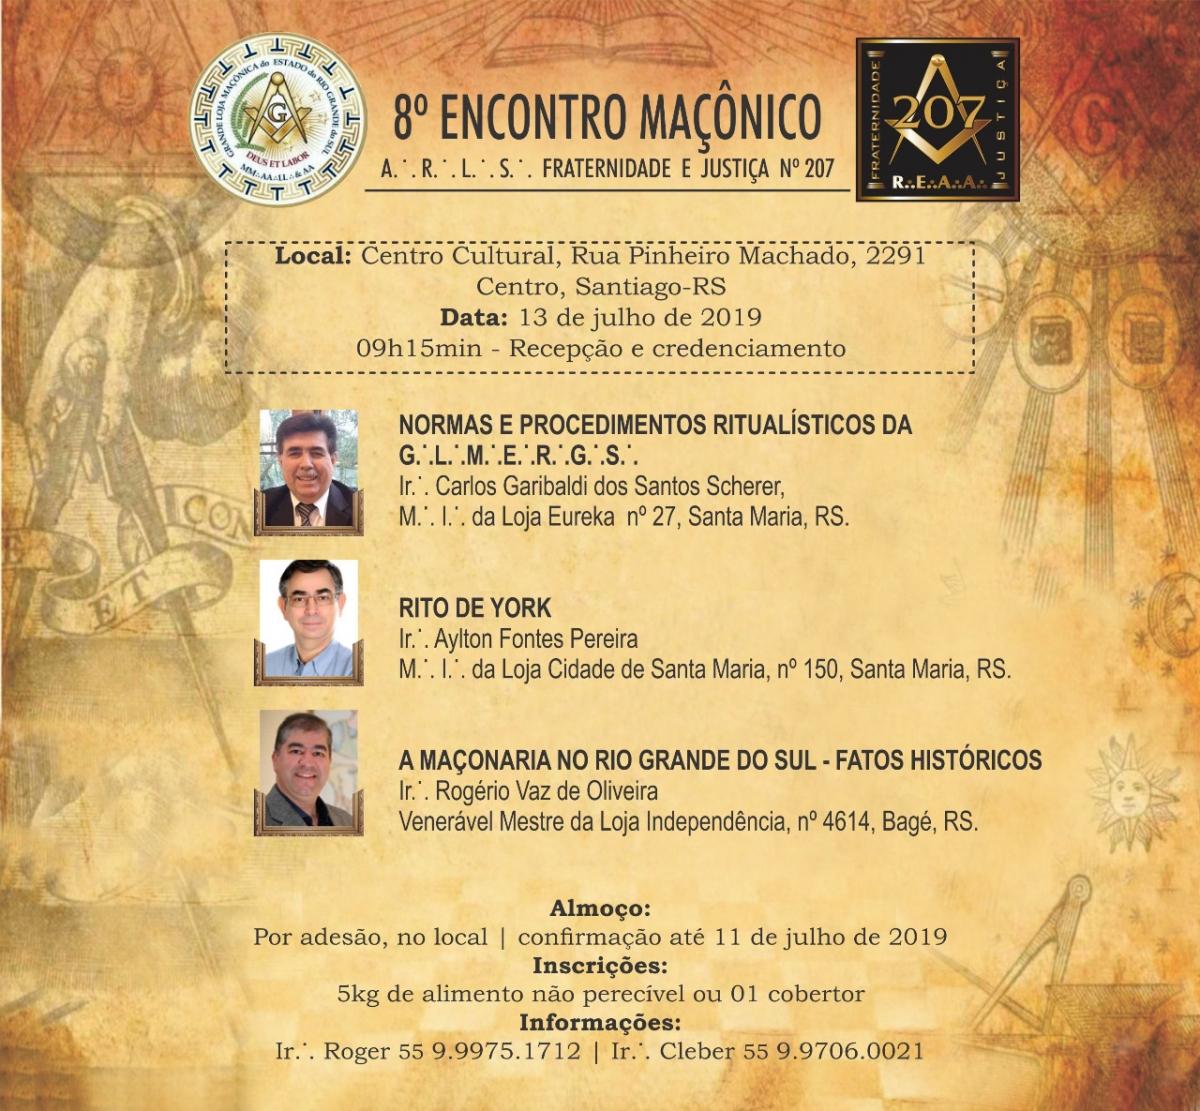 8º Encontro Macônico - A.R.L.S. Fraternidade e Justiça nº 207